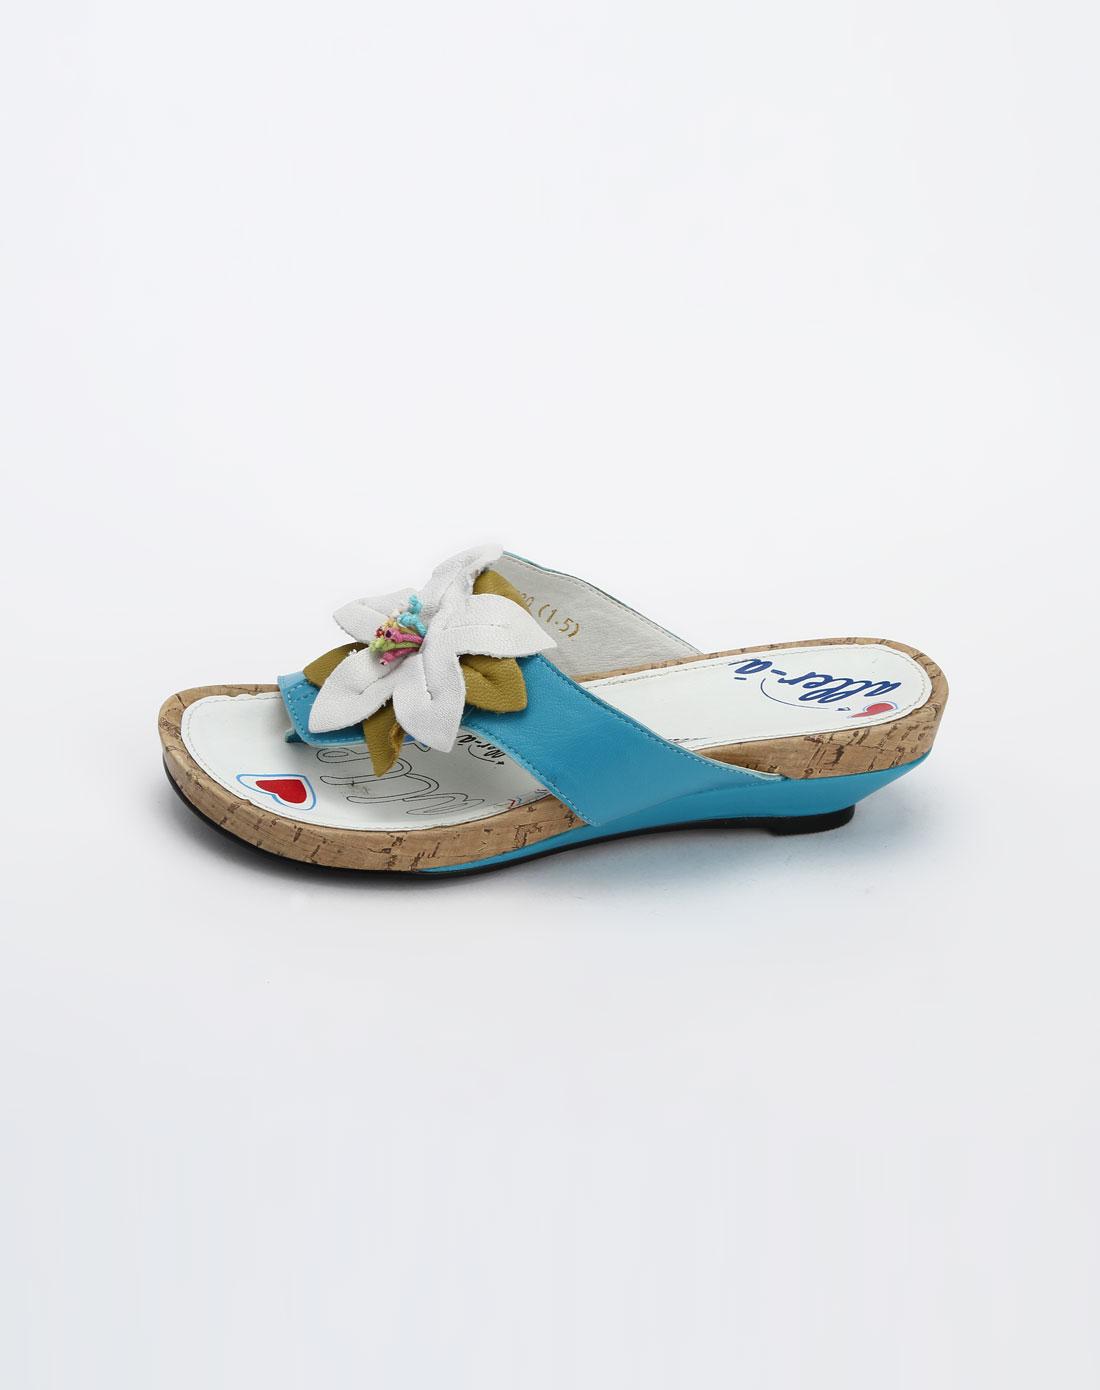 粉蓝色贴花休闲凉拖鞋